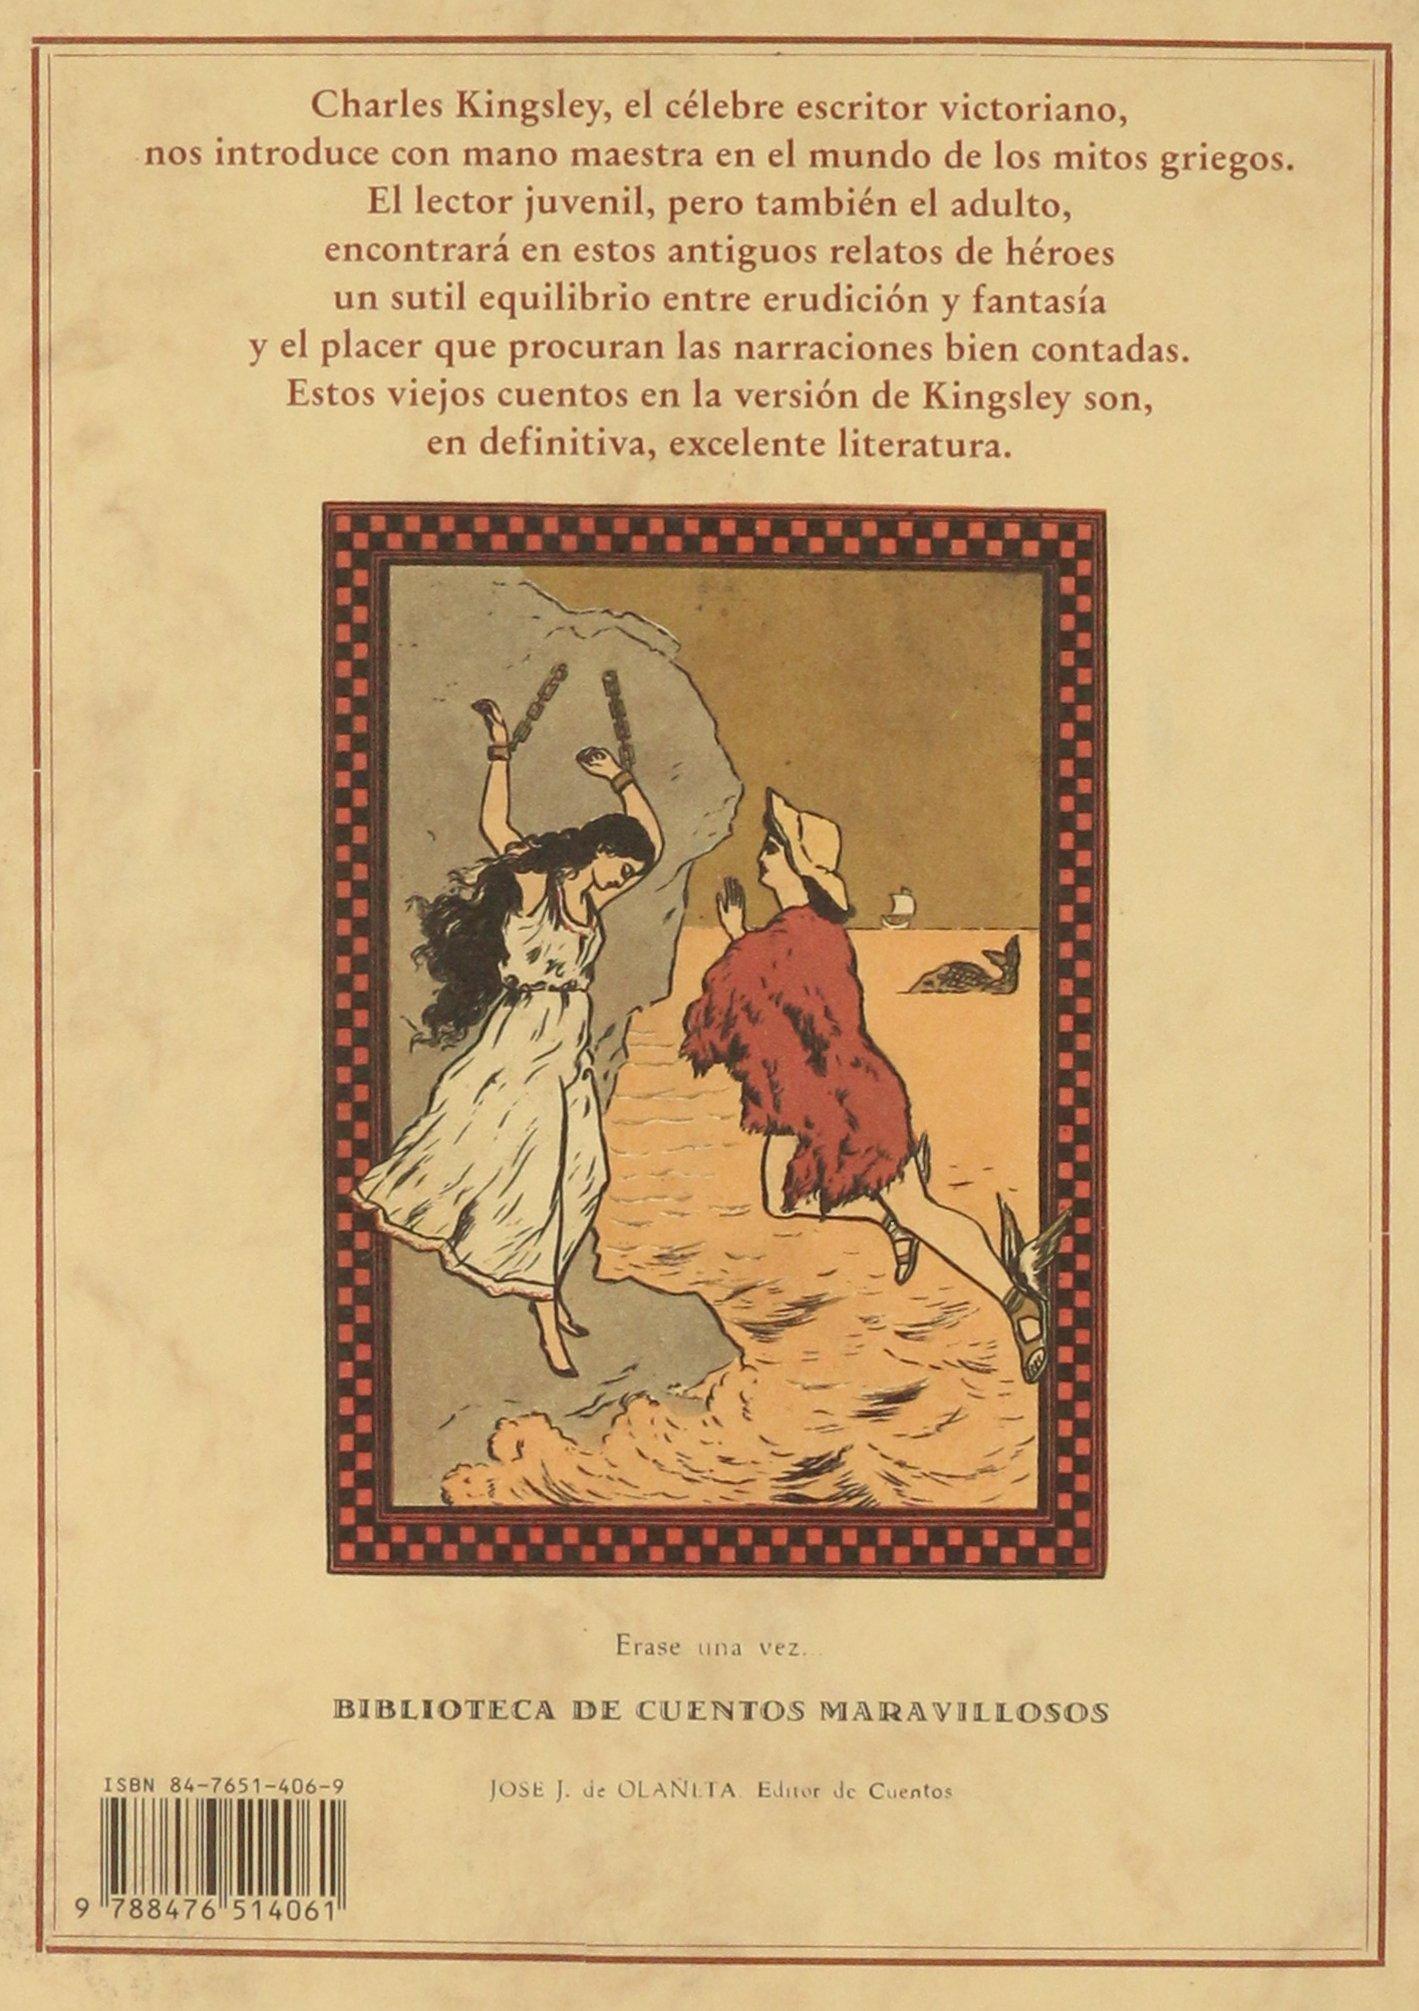 Cuentos de Hadas Griegos - Los Heroes (Spanish Edition): Charles Kingsley: 9788476514061: Amazon.com: Books